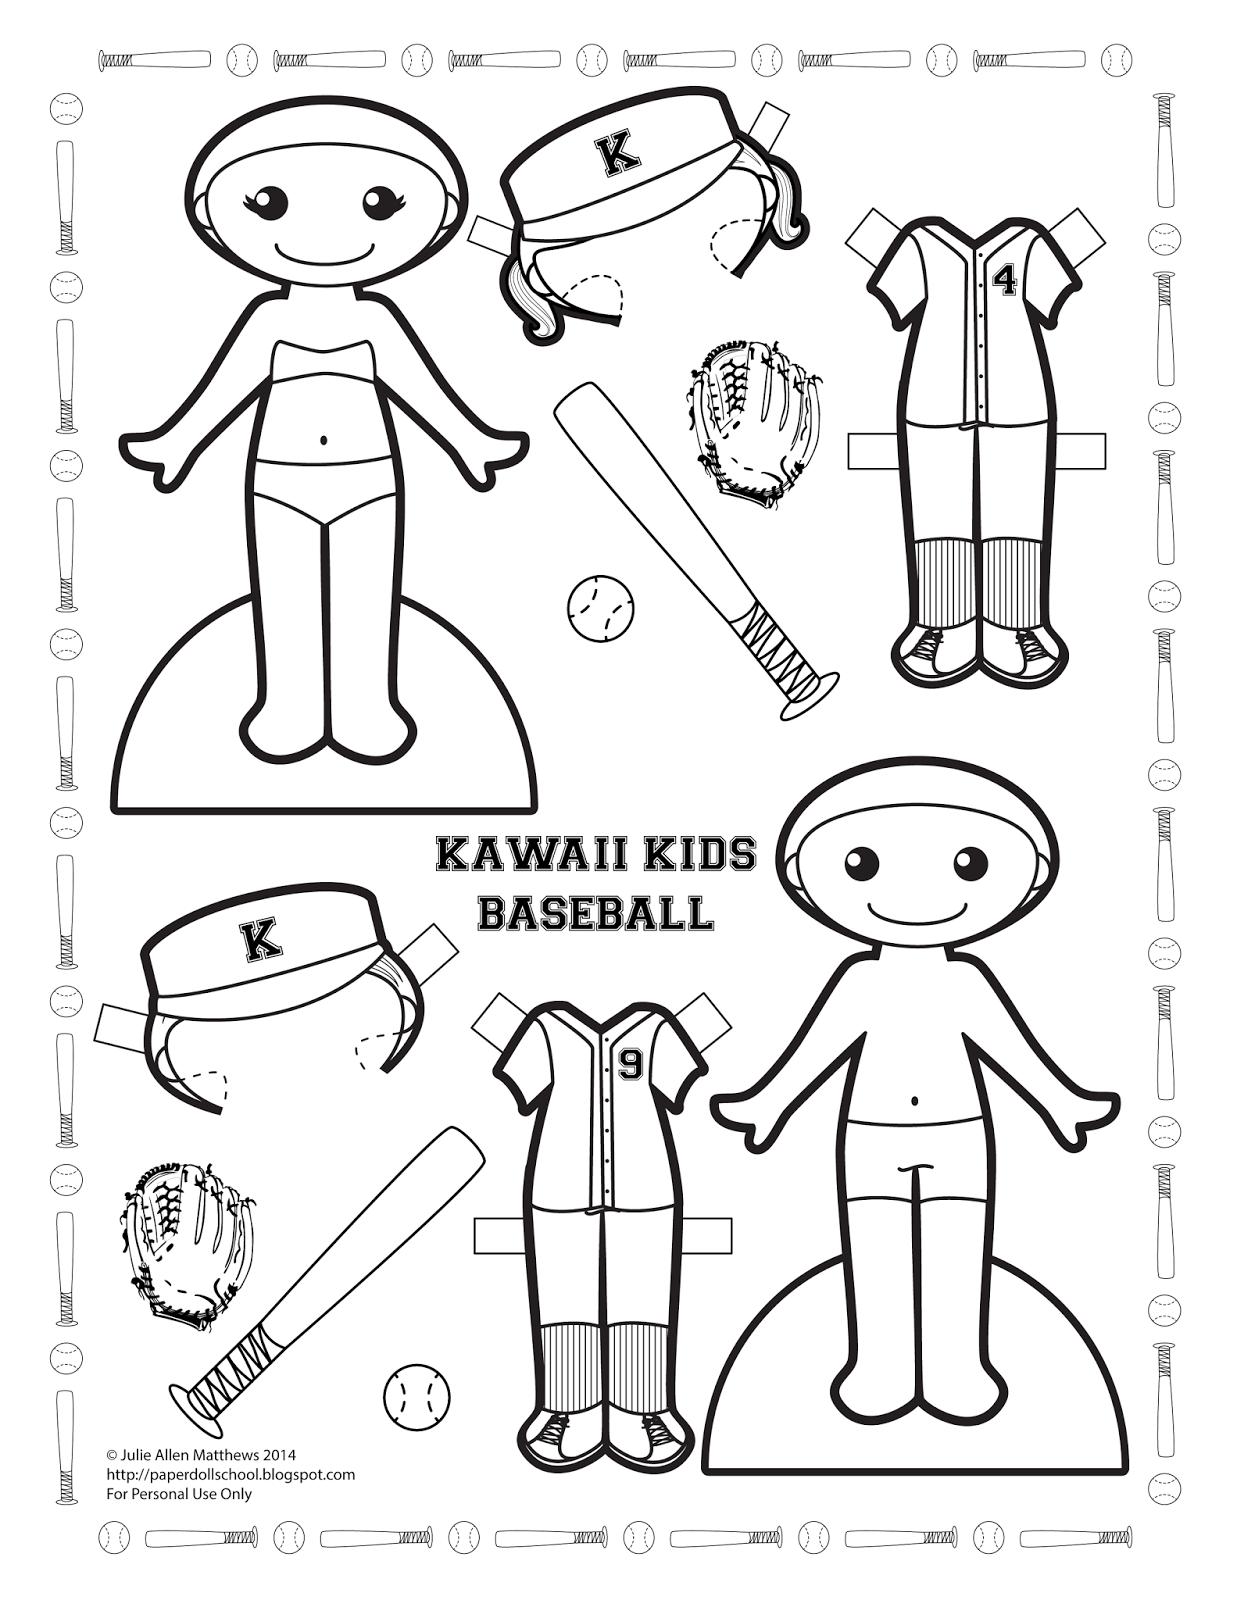 Kawaii Kids Baseball By Julie Matthews From Paper Doll